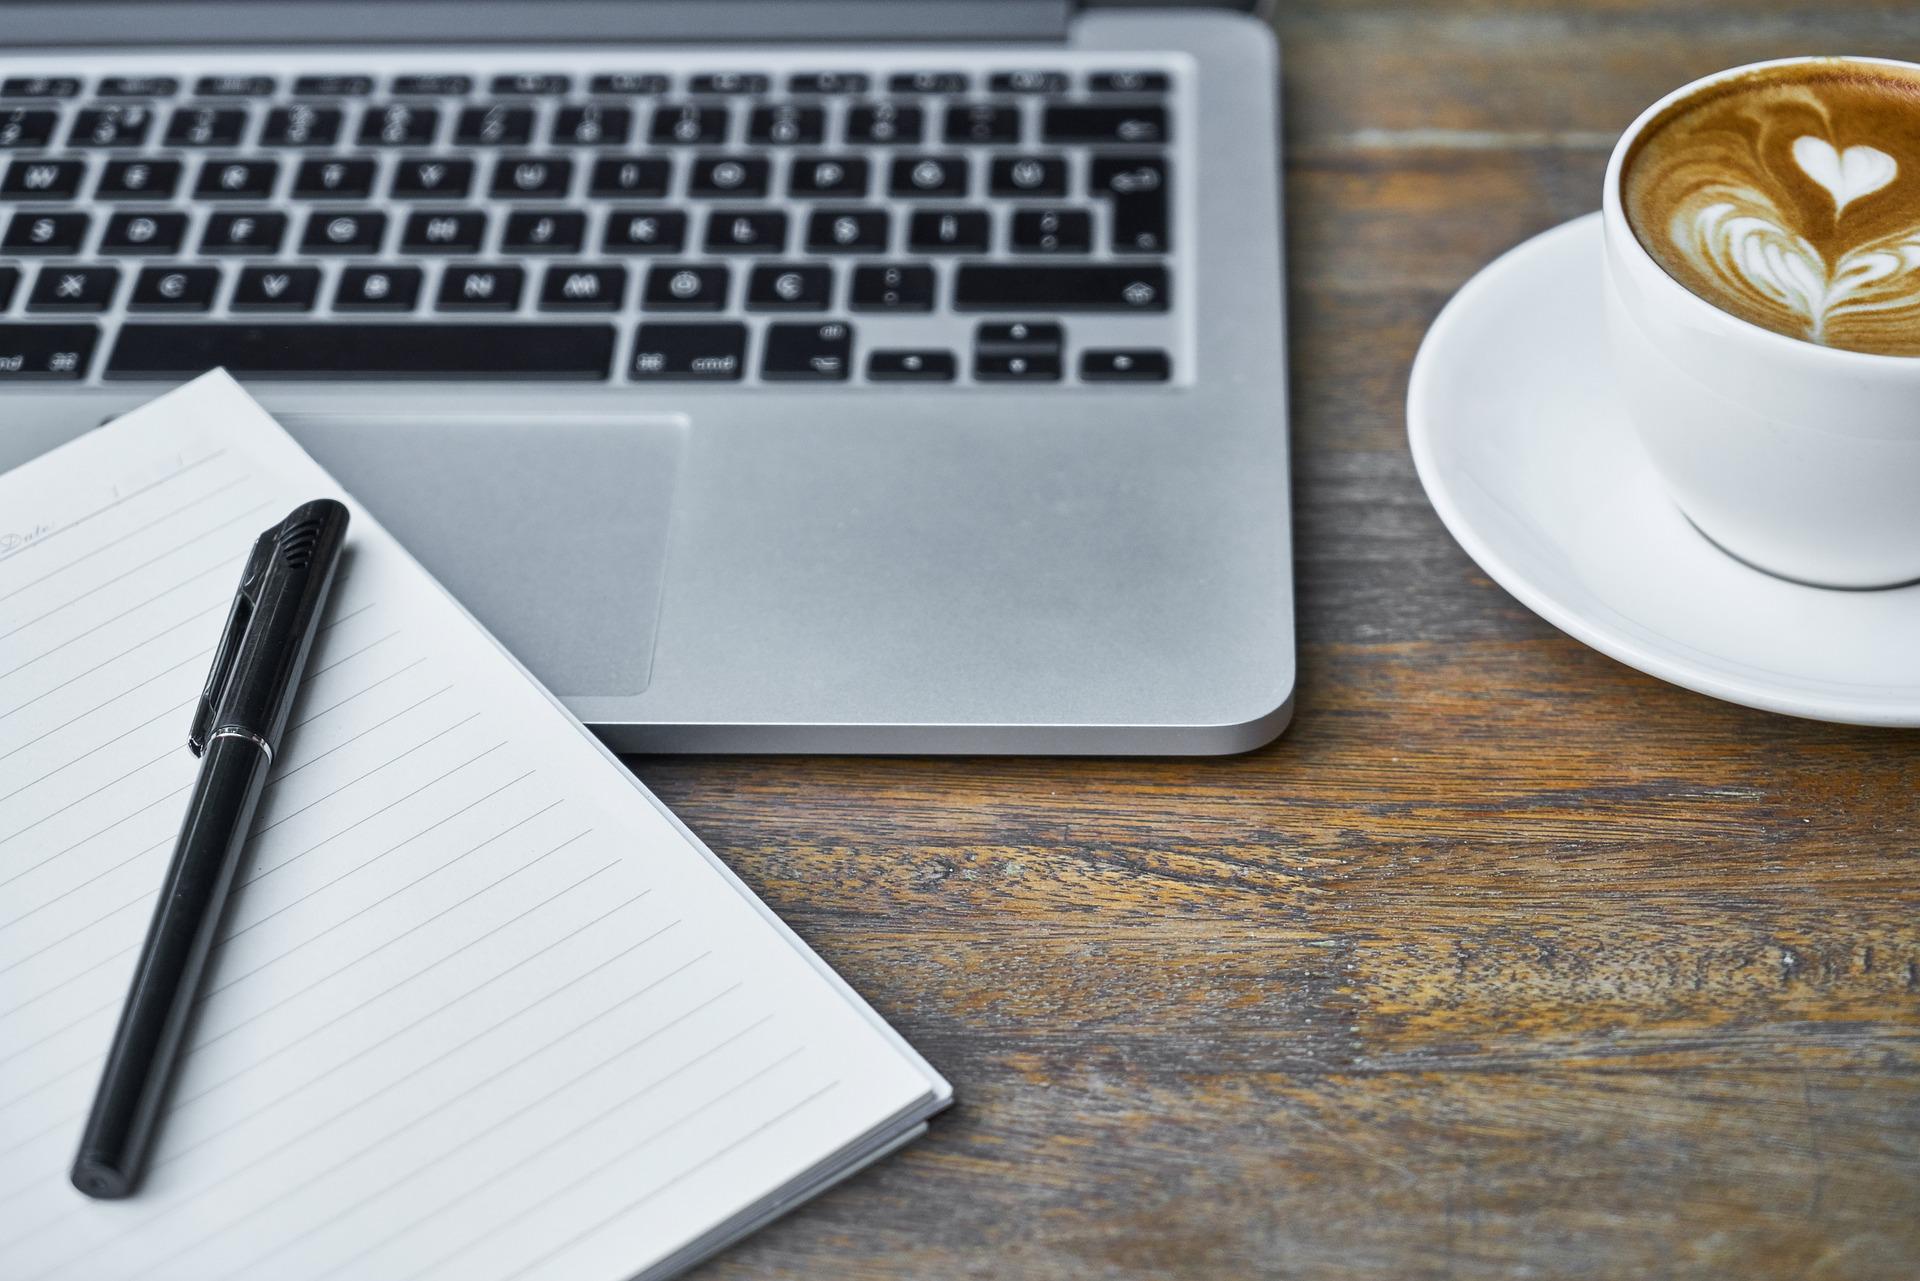 Bloggen ist auch Arbeit, die passend wertgeschätzt und bezahlt werden sollte, findet Julie von Puddingklecks, dem Großfamilienblog mit Herz